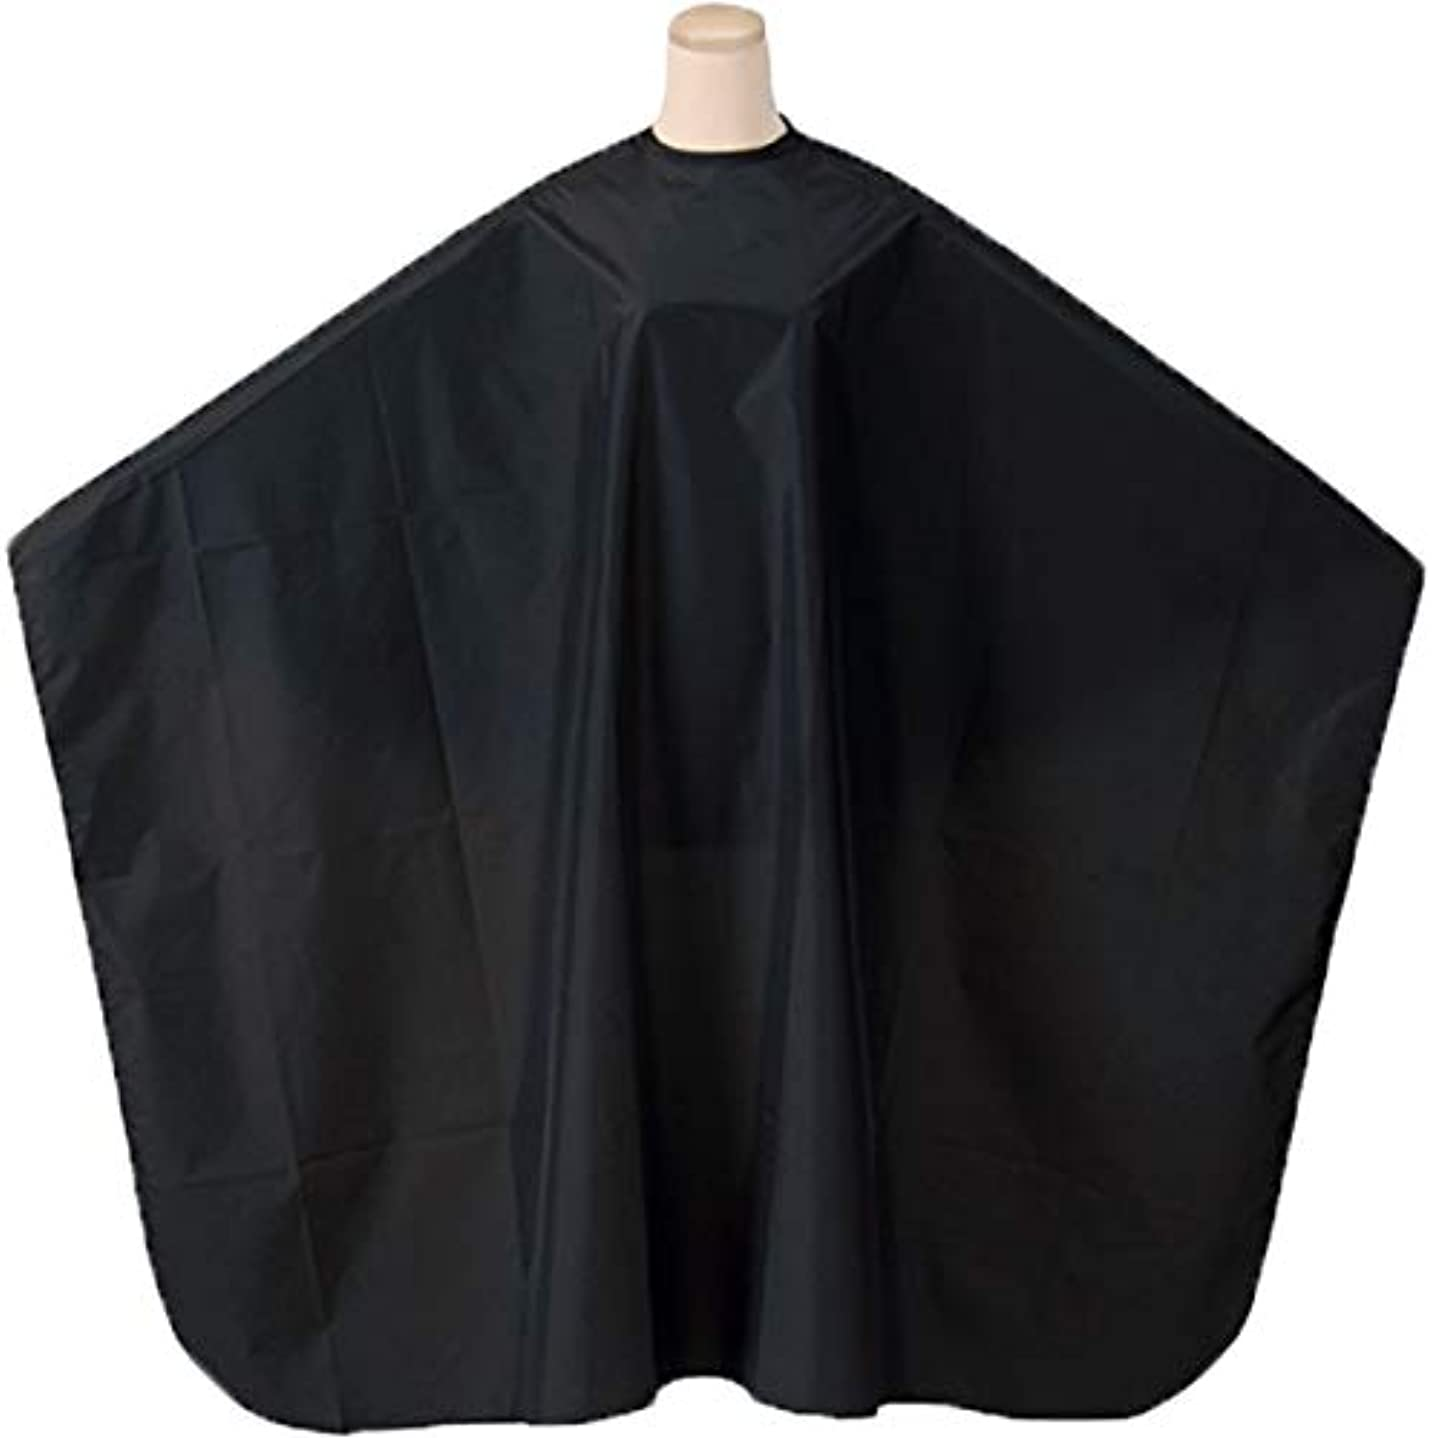 レプリカシチリア極貧エルコ 0230 L&W 袖なし ヘアダイクロス (ロング&ワイド) カラーリング&パーマ&シャンプークロス ELCO (ブラック/首回り60cm)